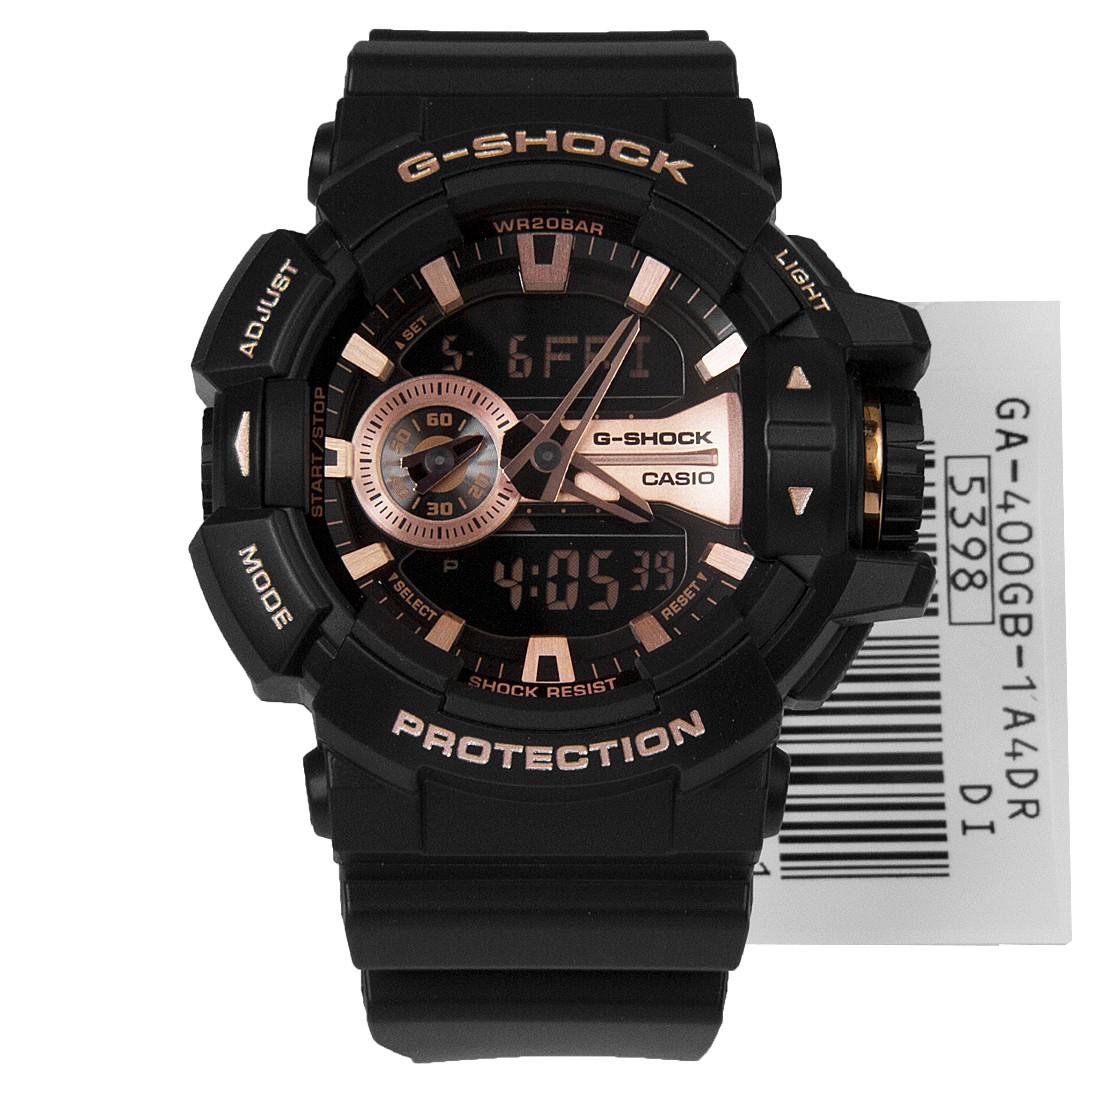 b6f36f3fd9c Authentic NEW Casio G-Shock GA-400GB-1A4 GA-400GB Black Gold Sports ...